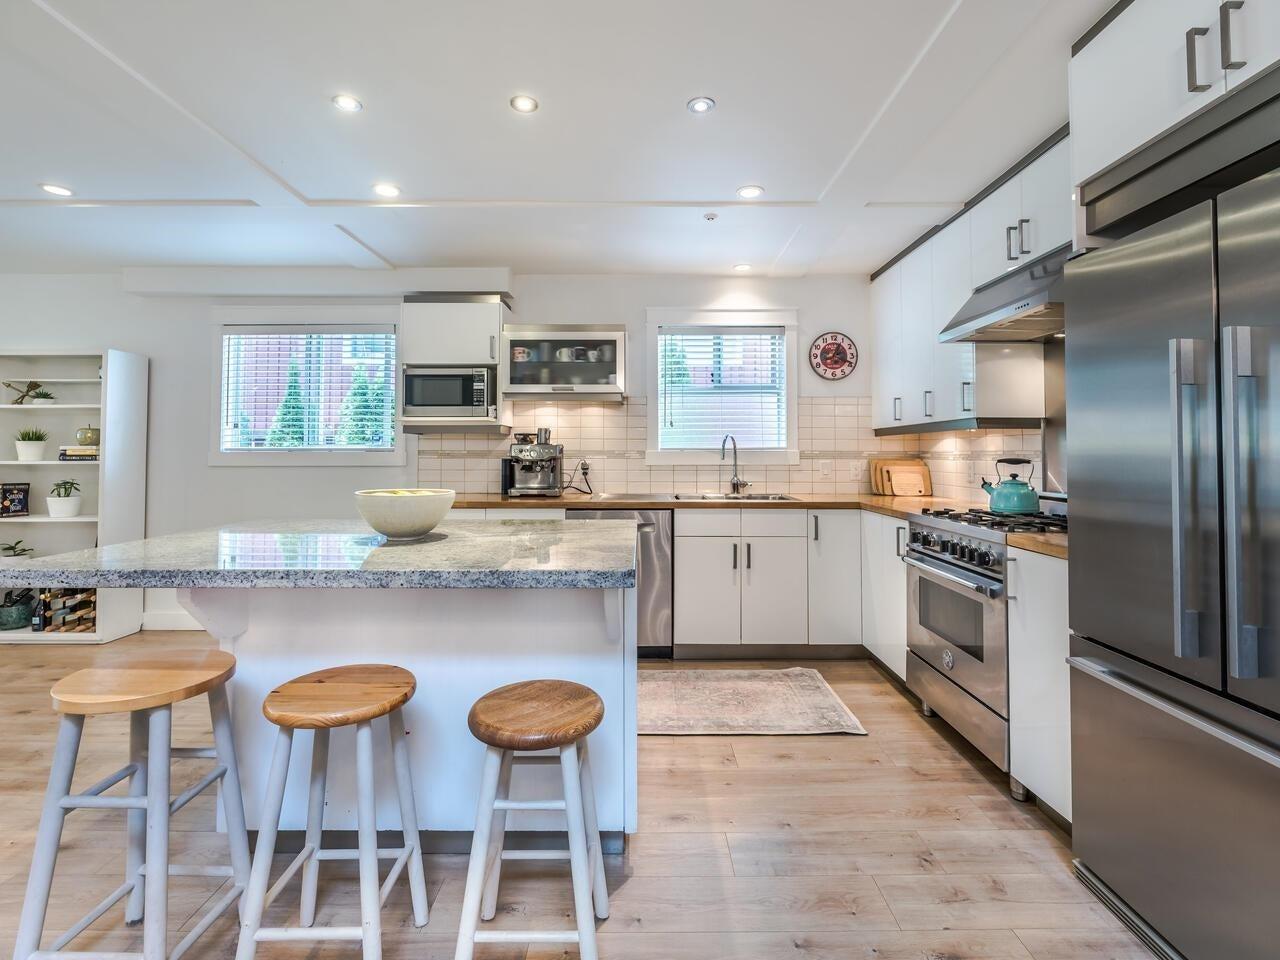 1231 E 11TH AVENUE - Mount Pleasant VE 1/2 Duplex for sale, 3 Bedrooms (R2625828) - #2